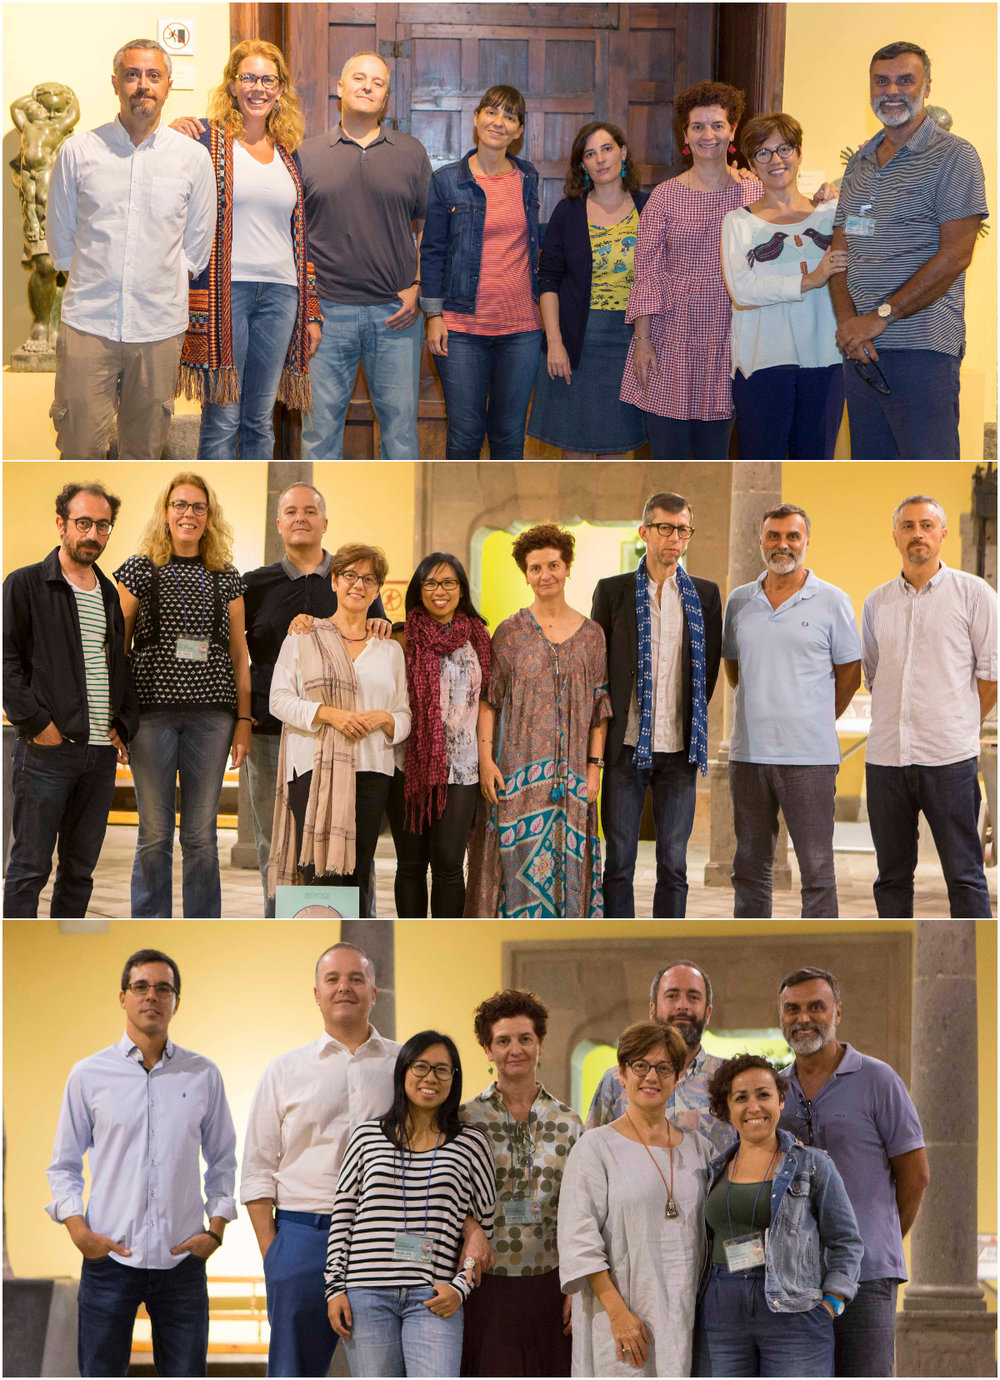 Algunas de las fotografías con integrantes de la Asociación, tomadas durante la celebración de Ibértigo 2018